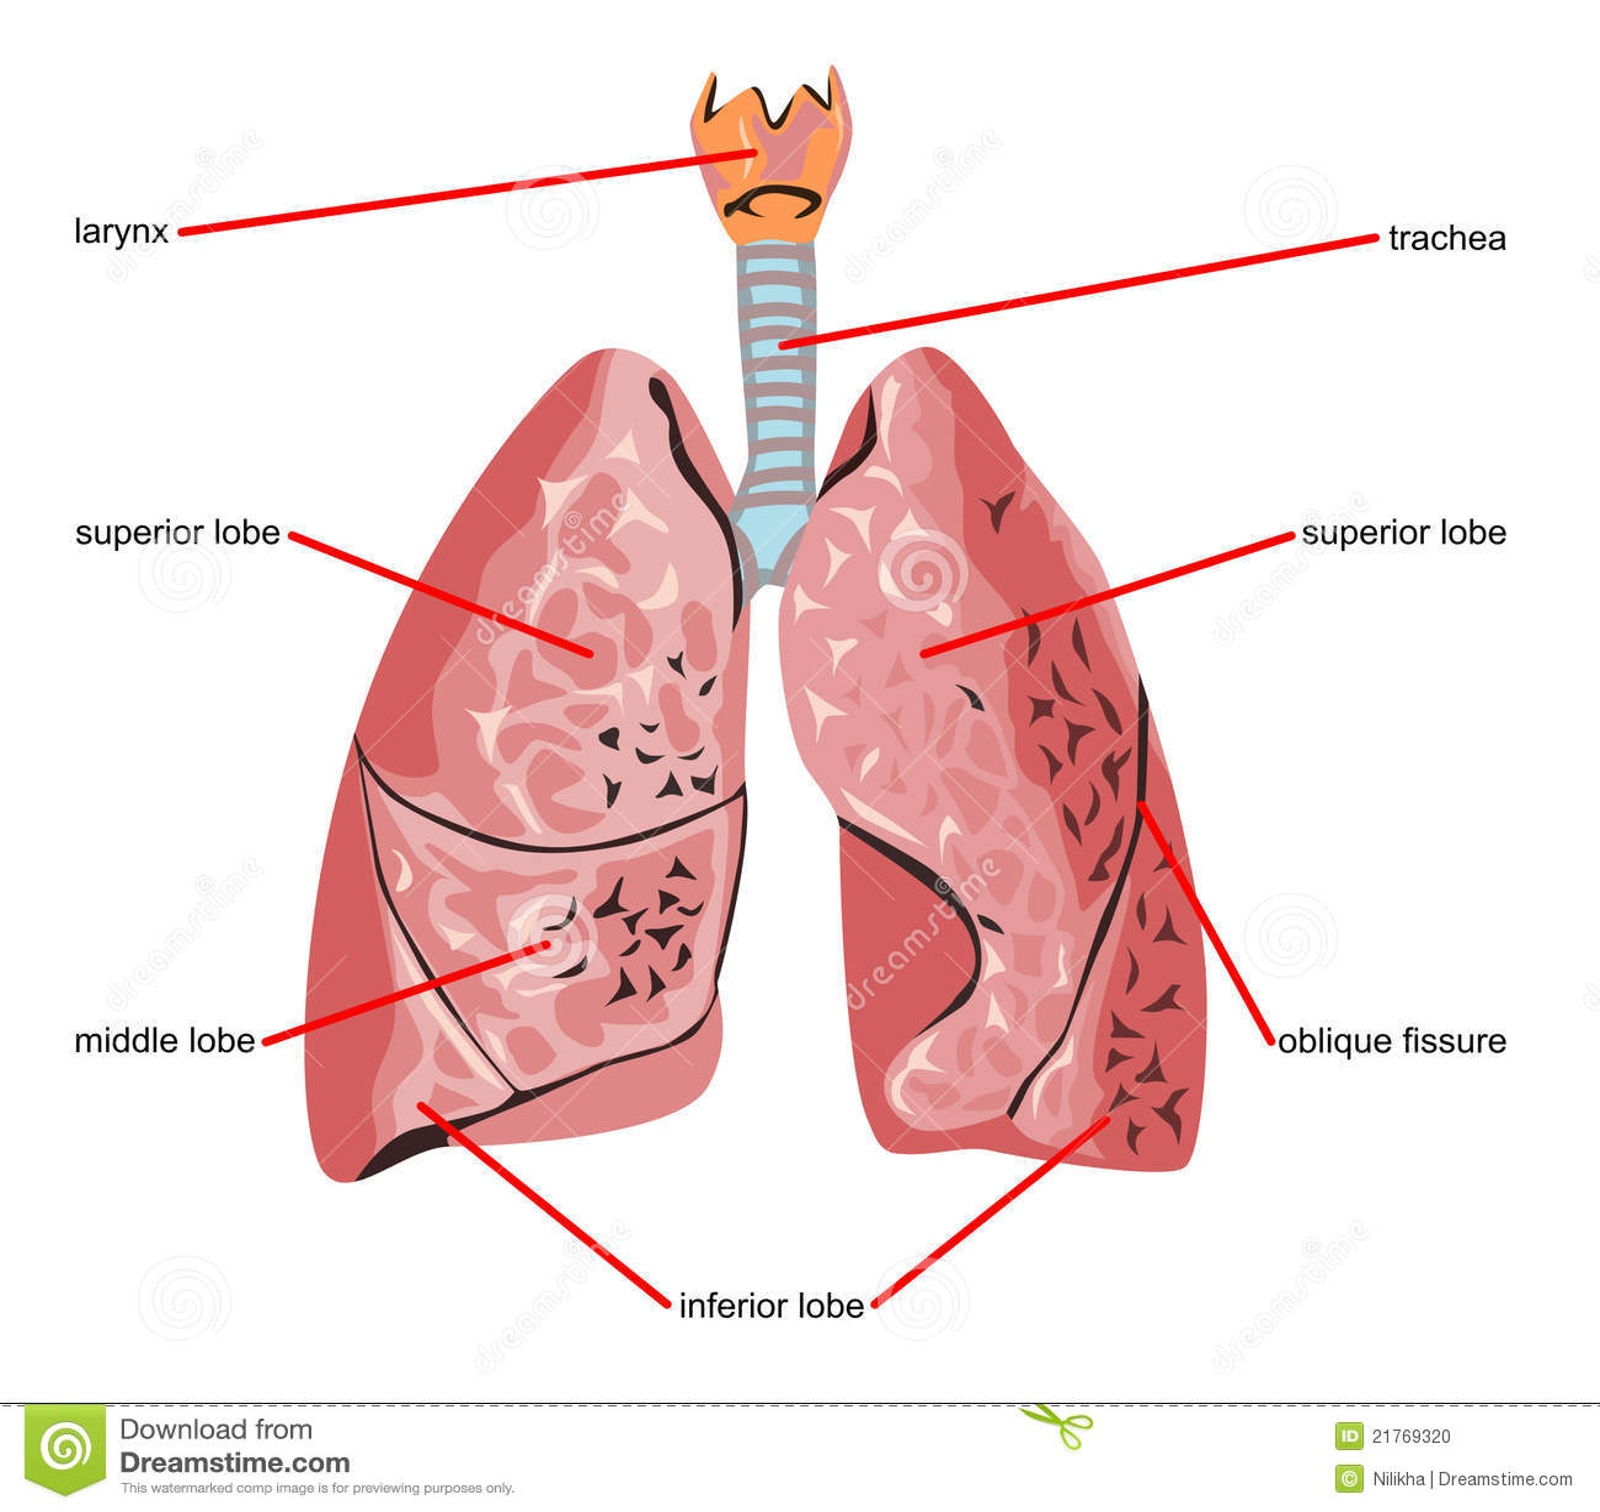 Único Partes De Los Pulmones Composición - Imágenes de Anatomía ...